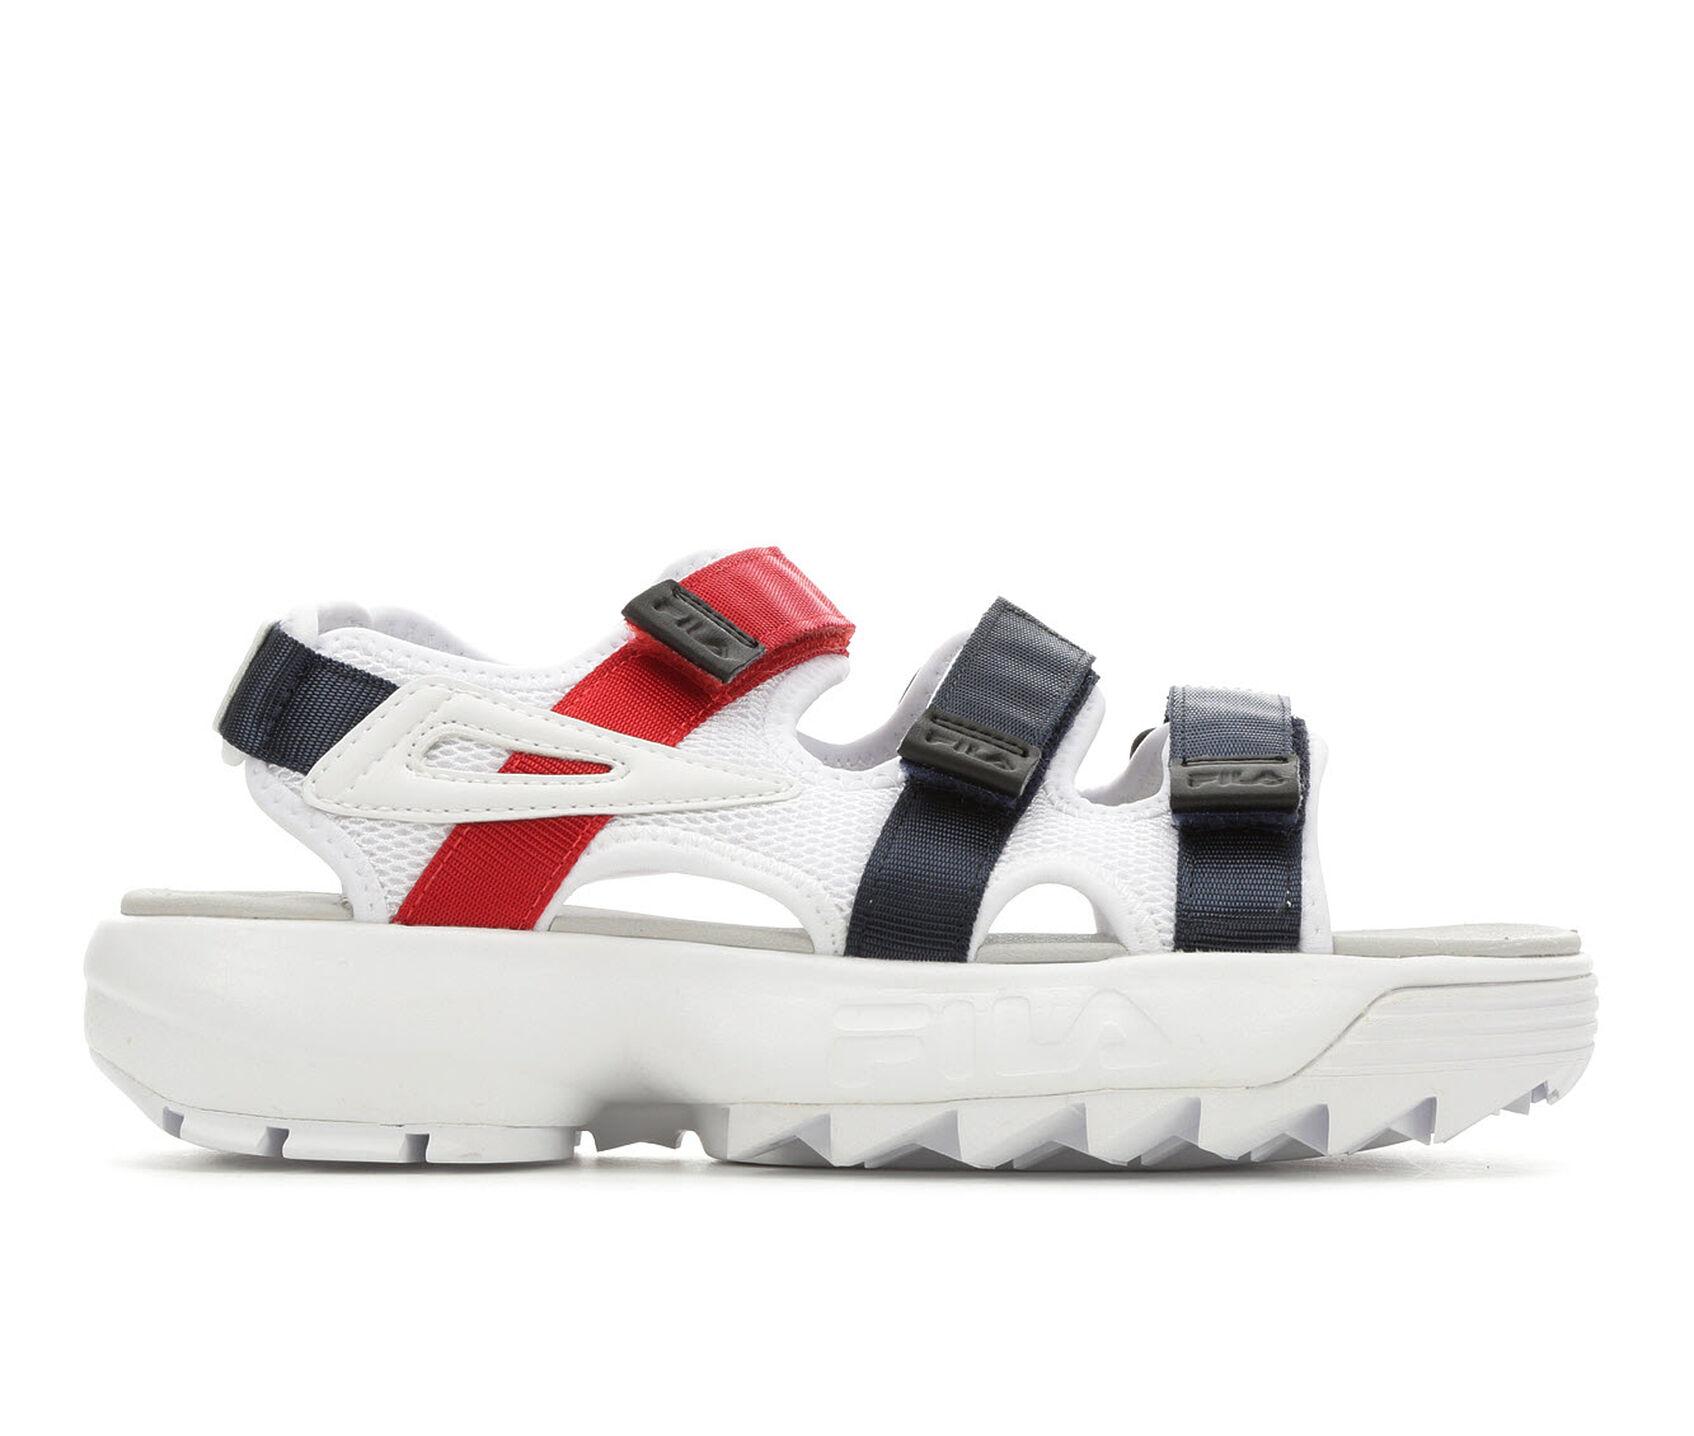 super promocje w sprzedaży hurtowej buty na tanie Women's Fila Disruptor Sandal Flatform Sandals